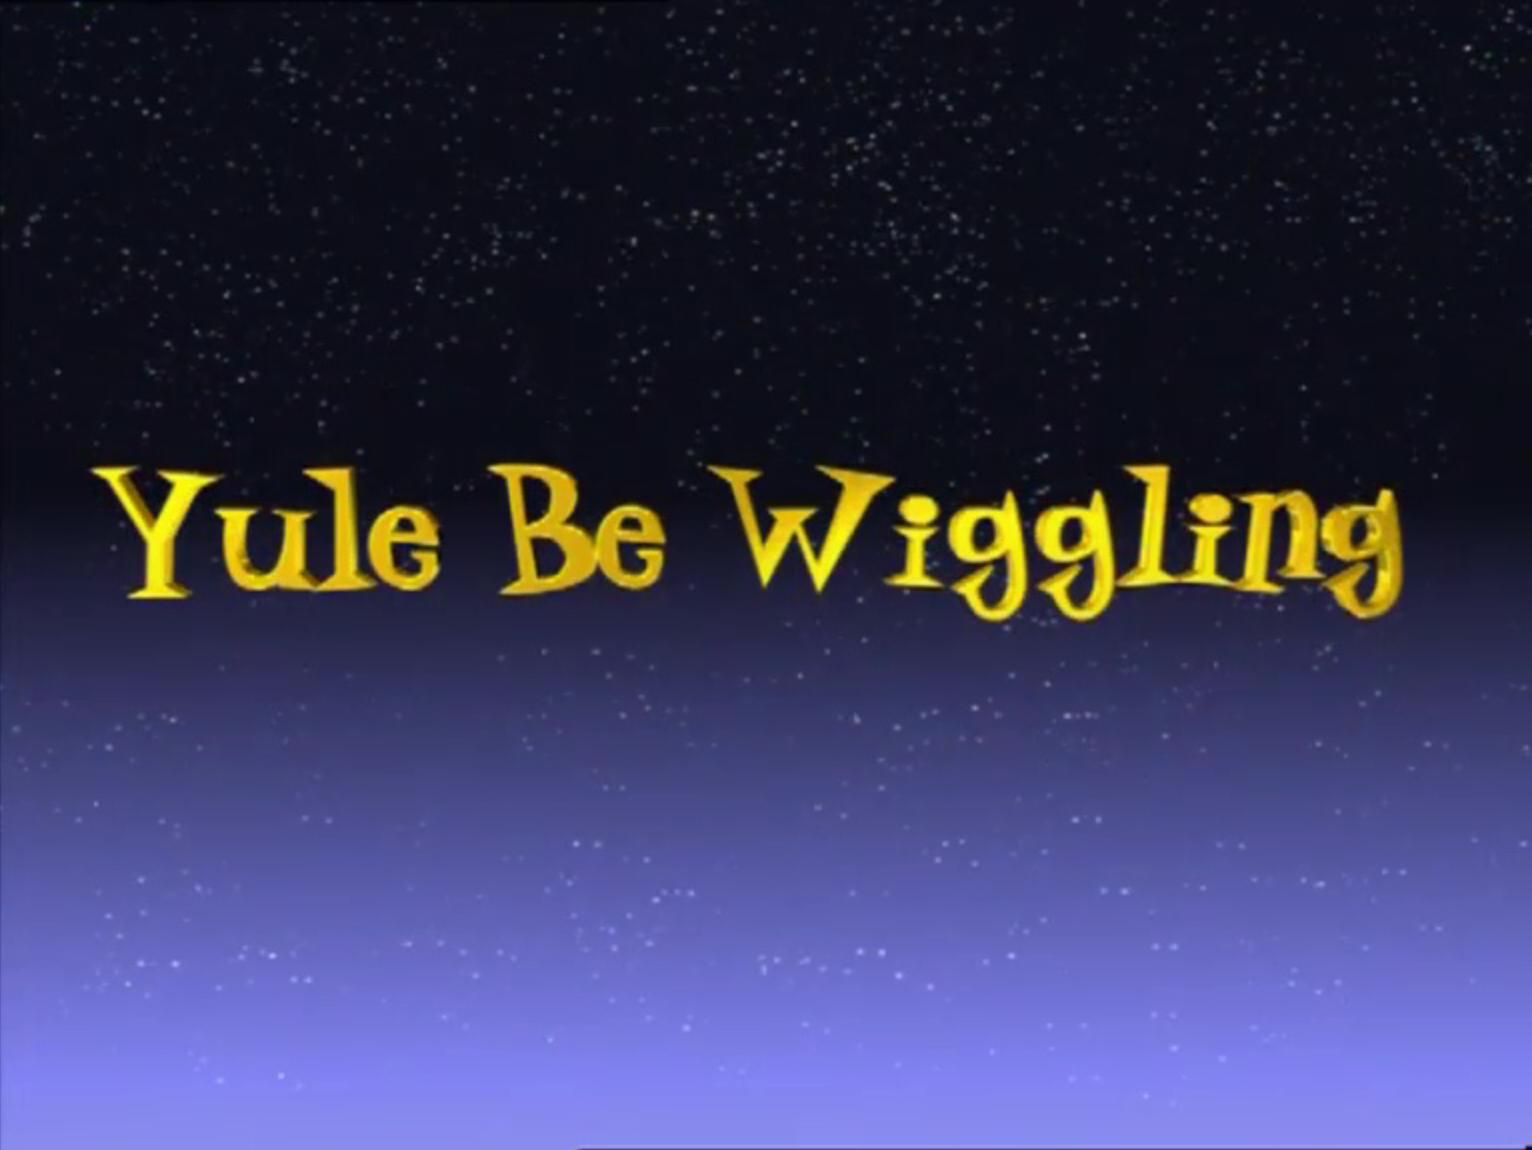 Yule Be Wiggling